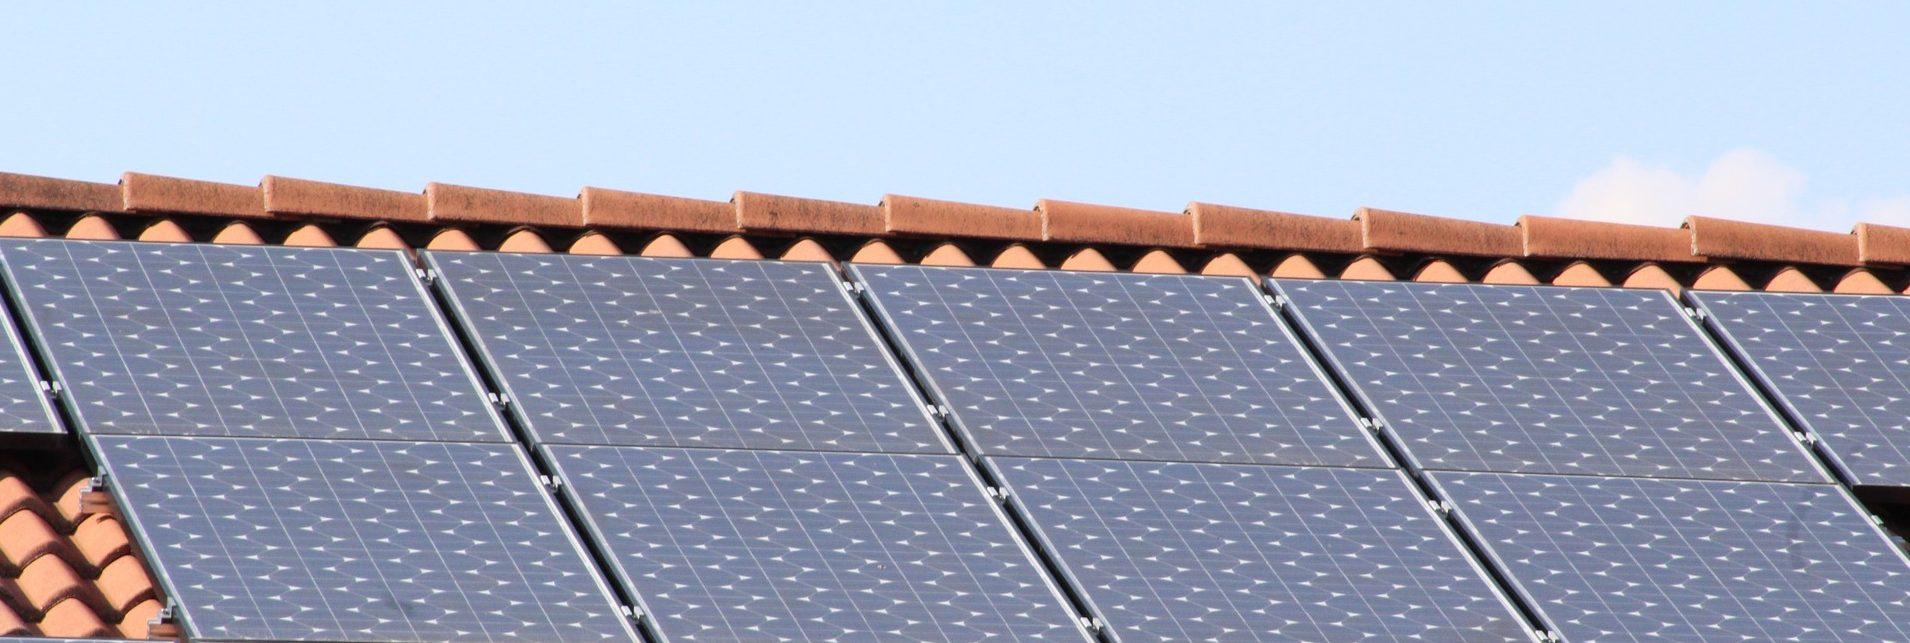 Panneaux solaires pour faire de l'autoconsommation